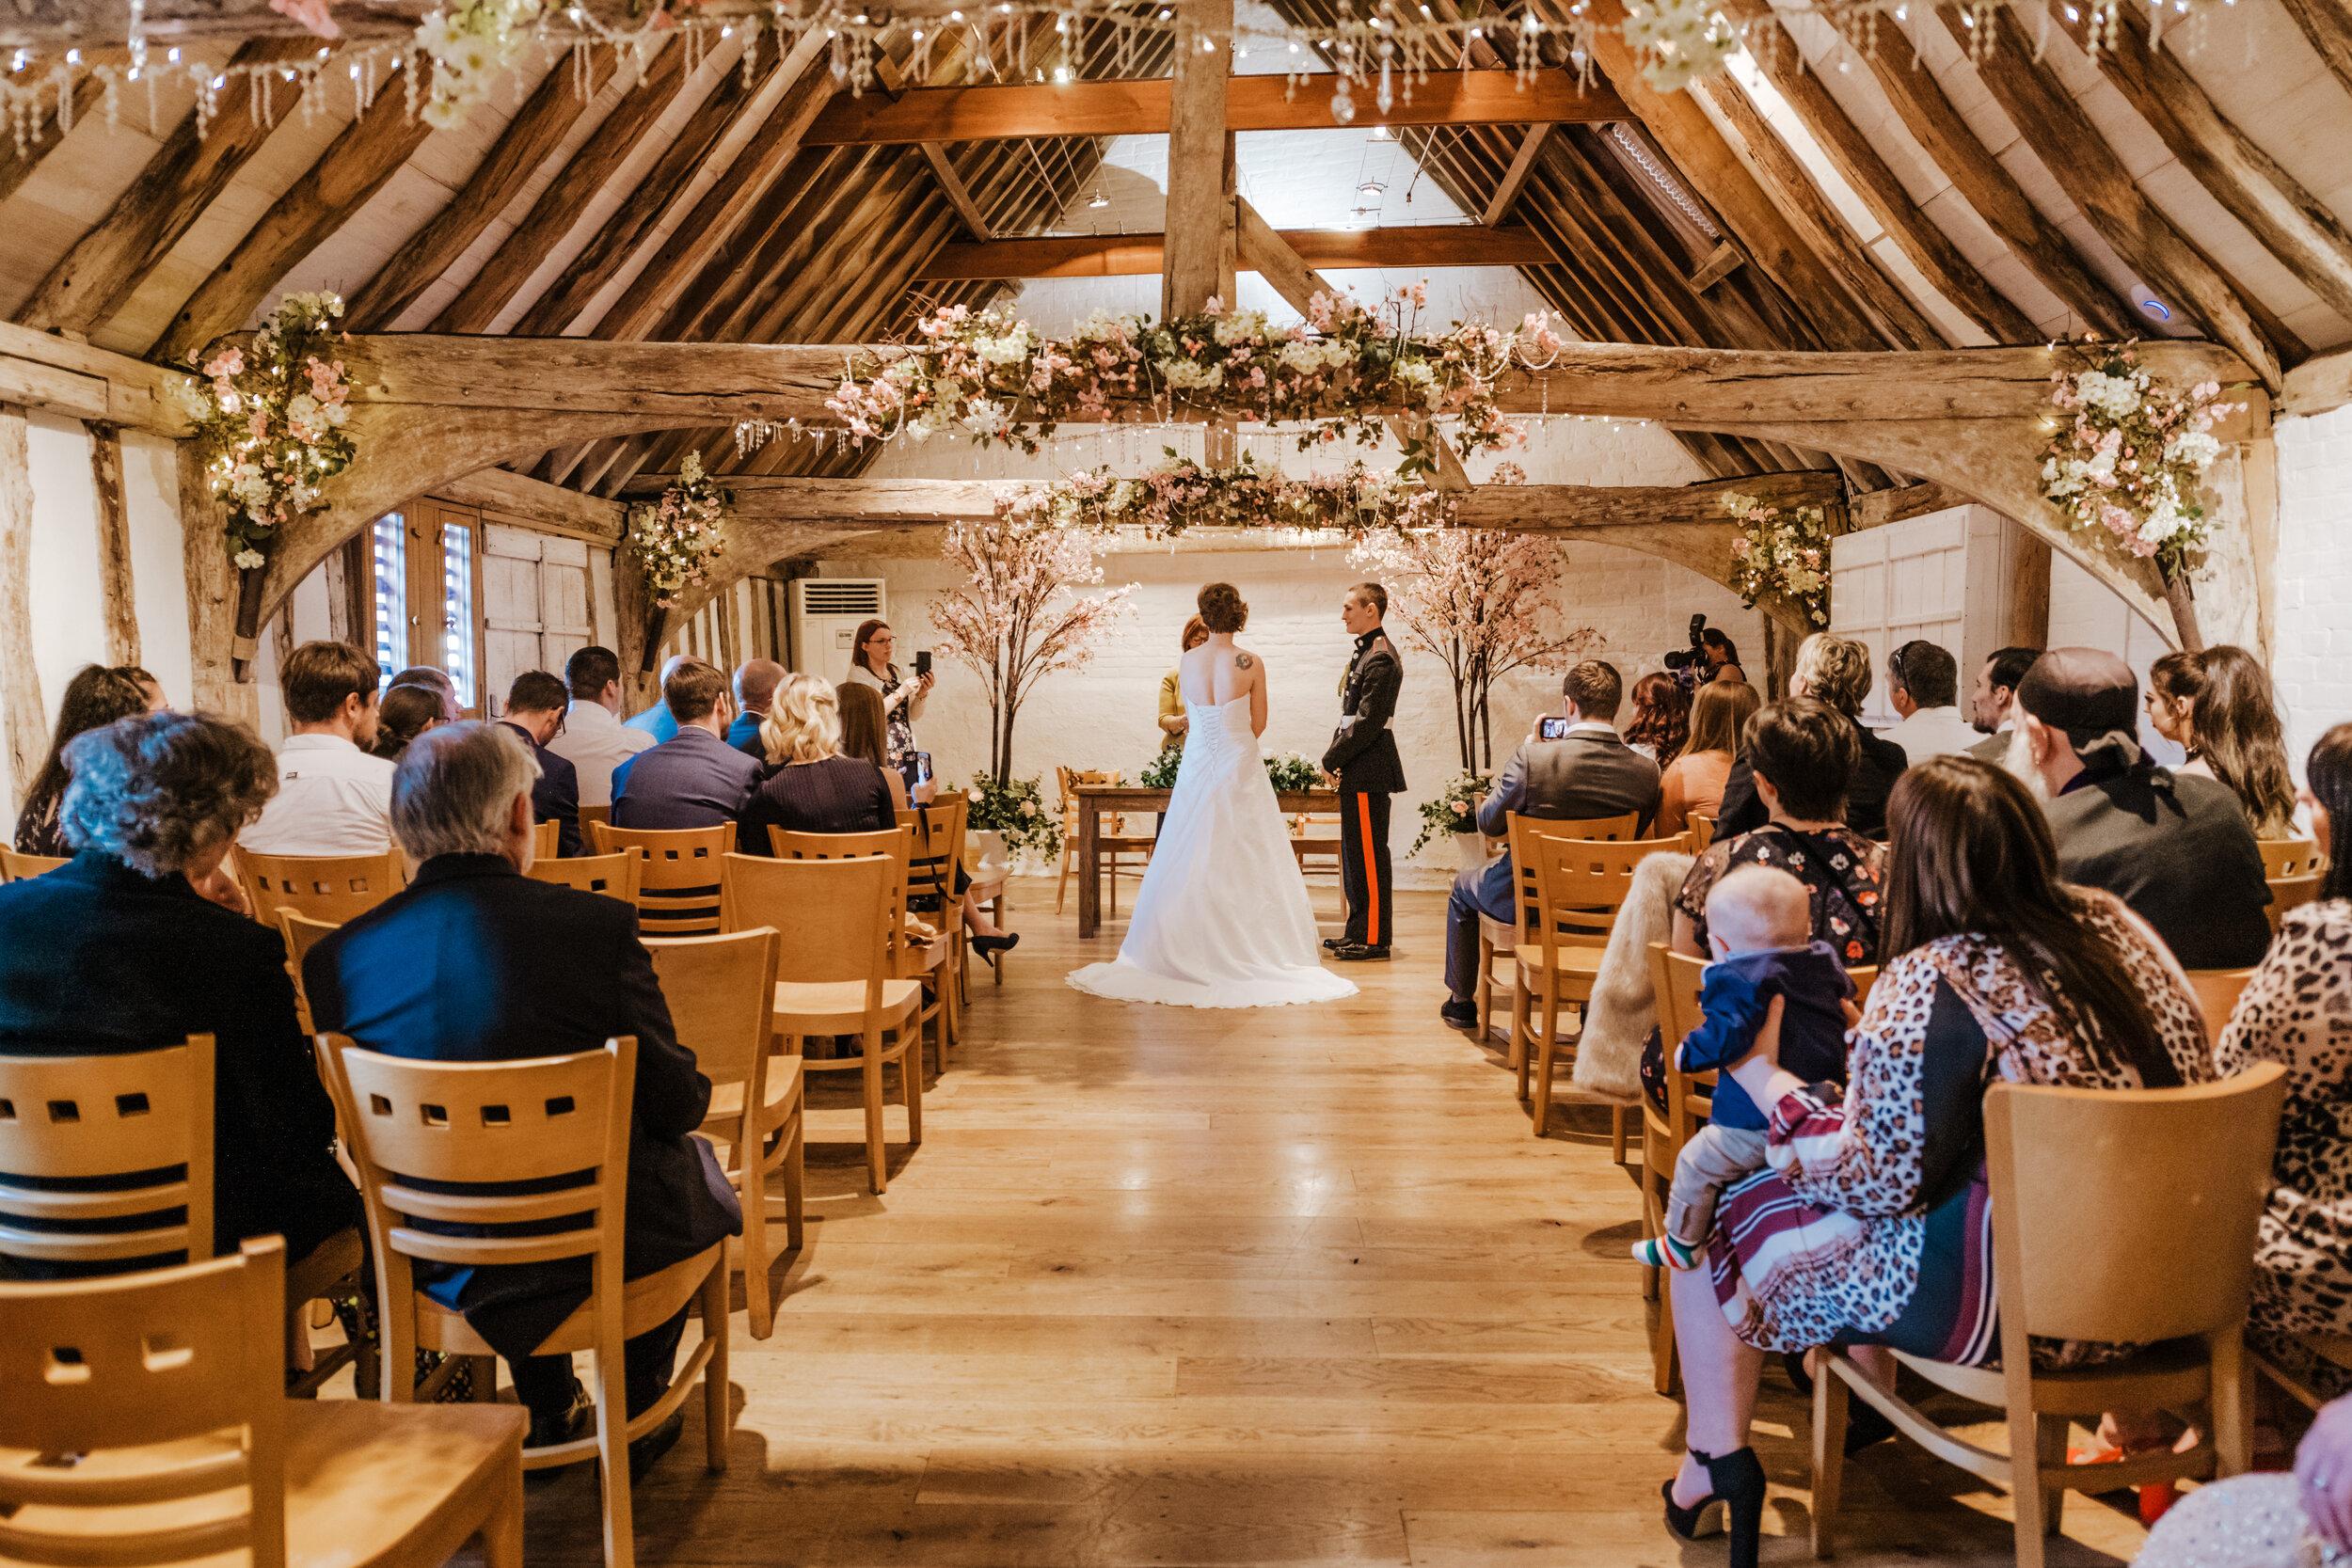 SUFFOLK_WEDDING_PHOTOGRAPHY_ISAACS_WEDDING_VENUE_WEDDINGPHOTOGRAPHERNEARME_iPSWICHWEDDINGPHOTOGRAPHER (39).jpg